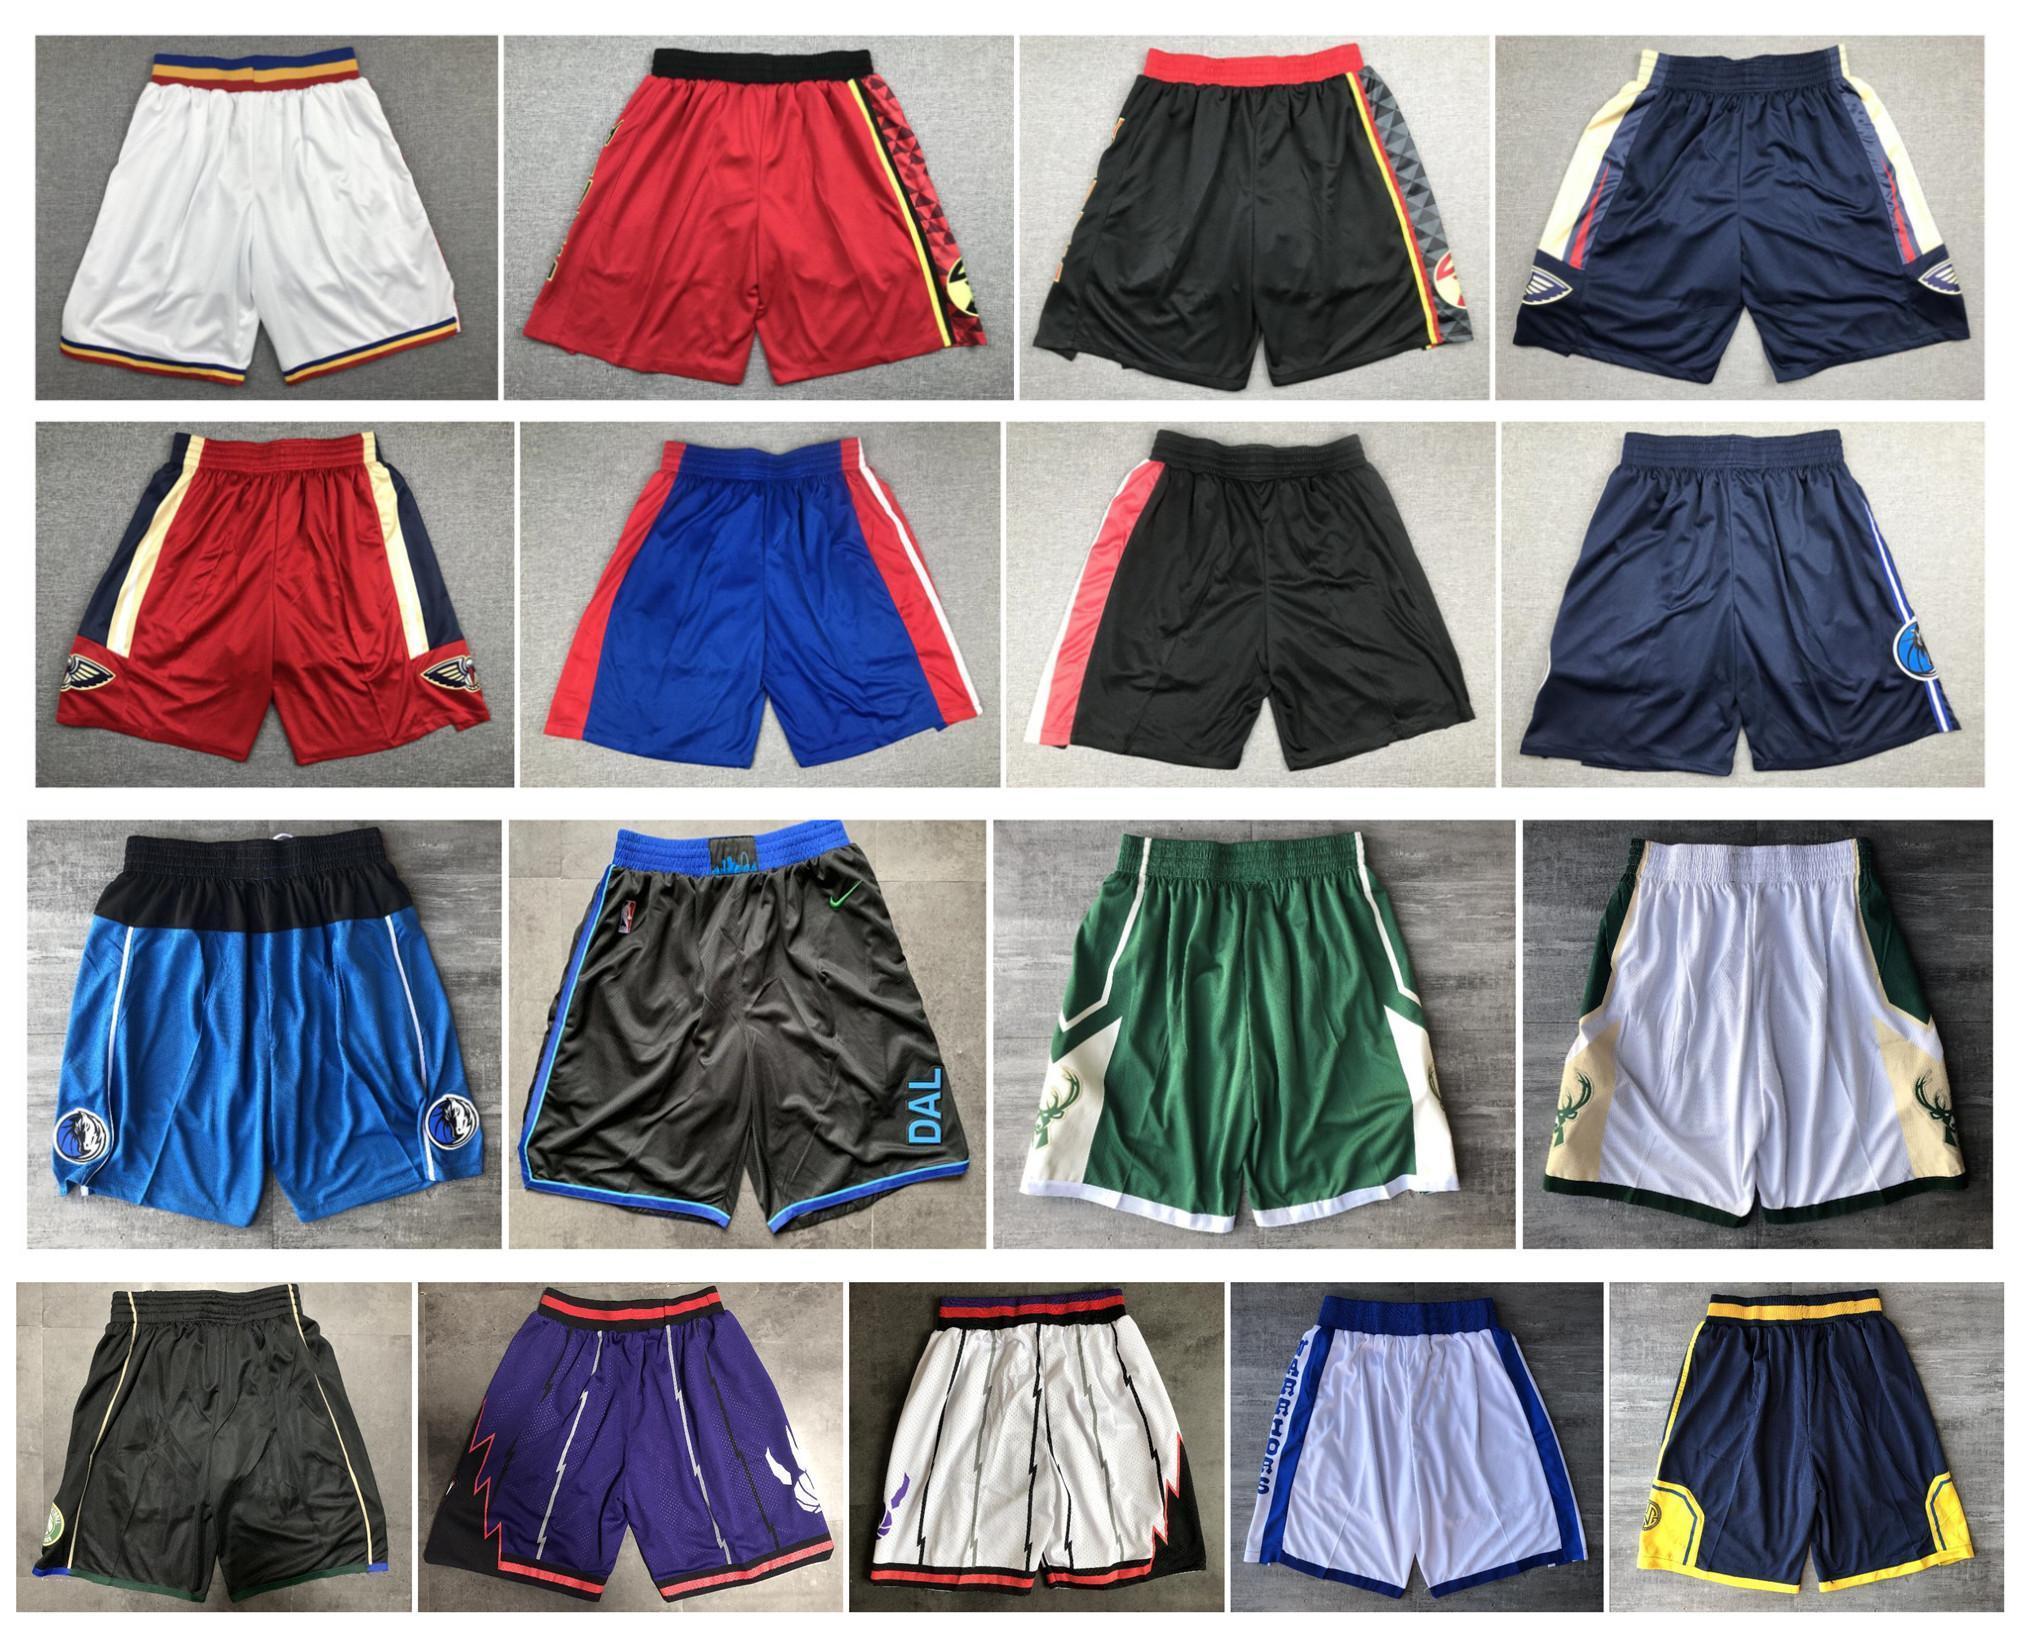 Новое высокое качество! 2020 Команда Баскетбол Шорты Мужские шорты Спортивные шорты колледжа Брюки Белый Черный Красный Фиолетовый Желтый